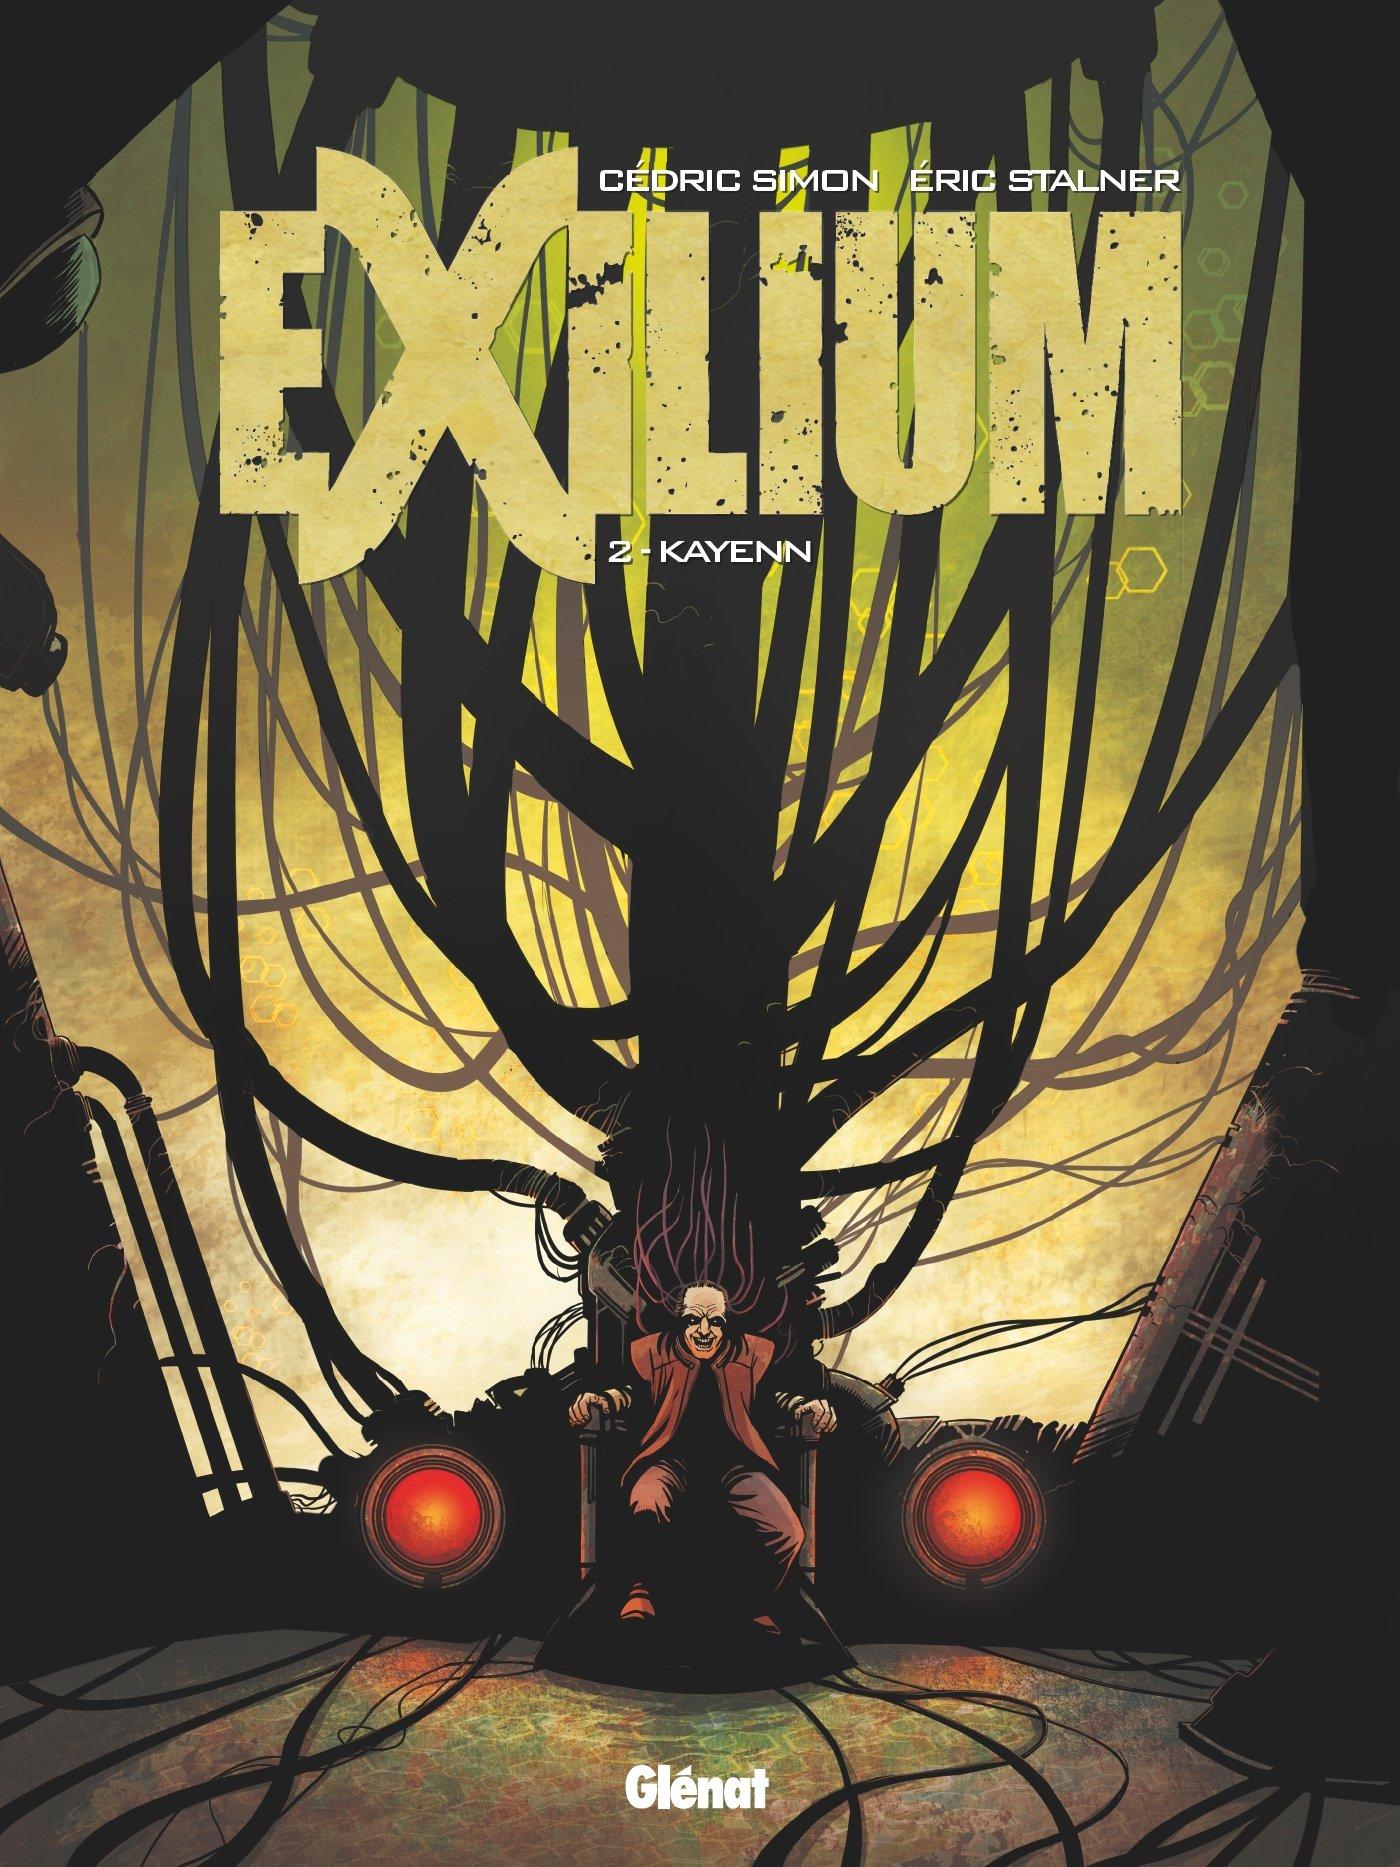 Exilium - Tome 02: Kayenn Album – 29 août 2018 Cédric Simon Glénat BD 2344022902 Bandes dessinées de genre